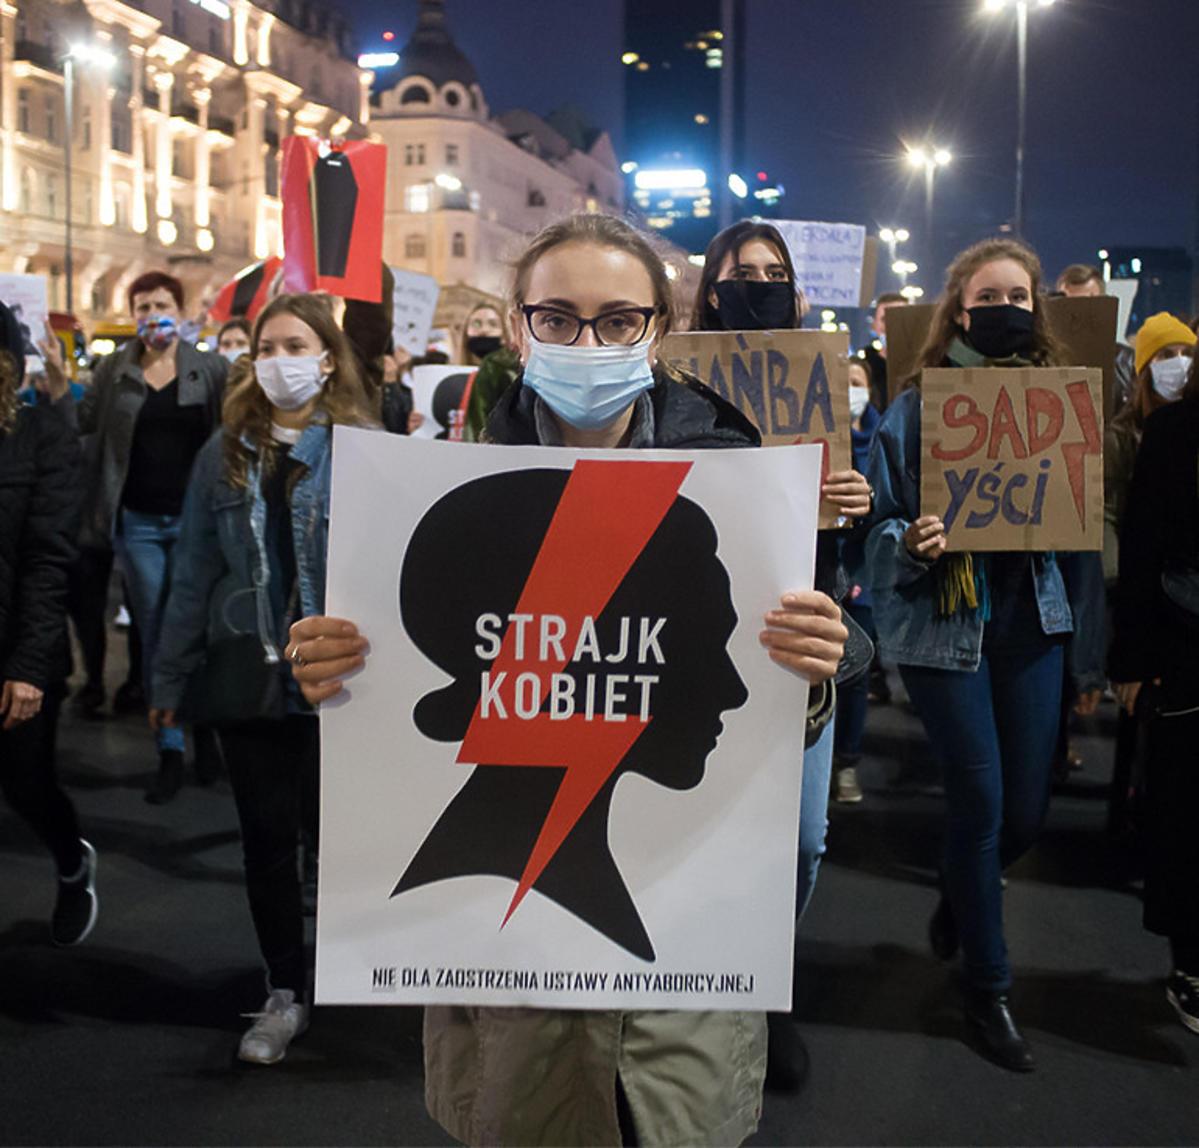 Strajk Kobiet 2020: Tysiące osób w całej Polsce przeciw decyzji Trybunału Konstytucyjnego